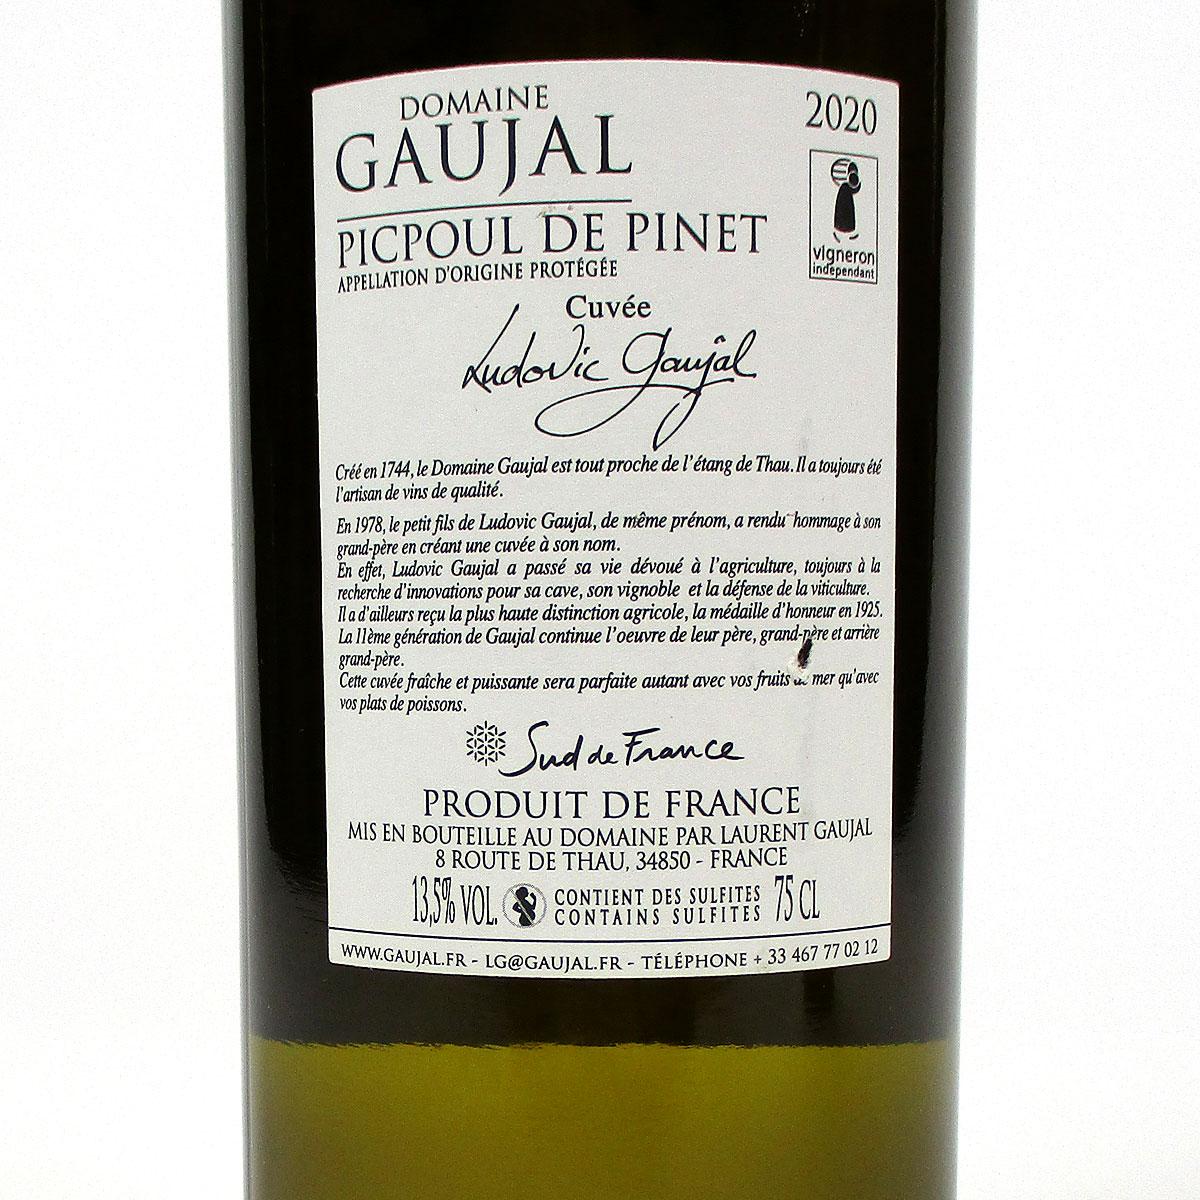 Picpoul de Pinet: Domaine Gaujal 2020 - Bottle Rear Label